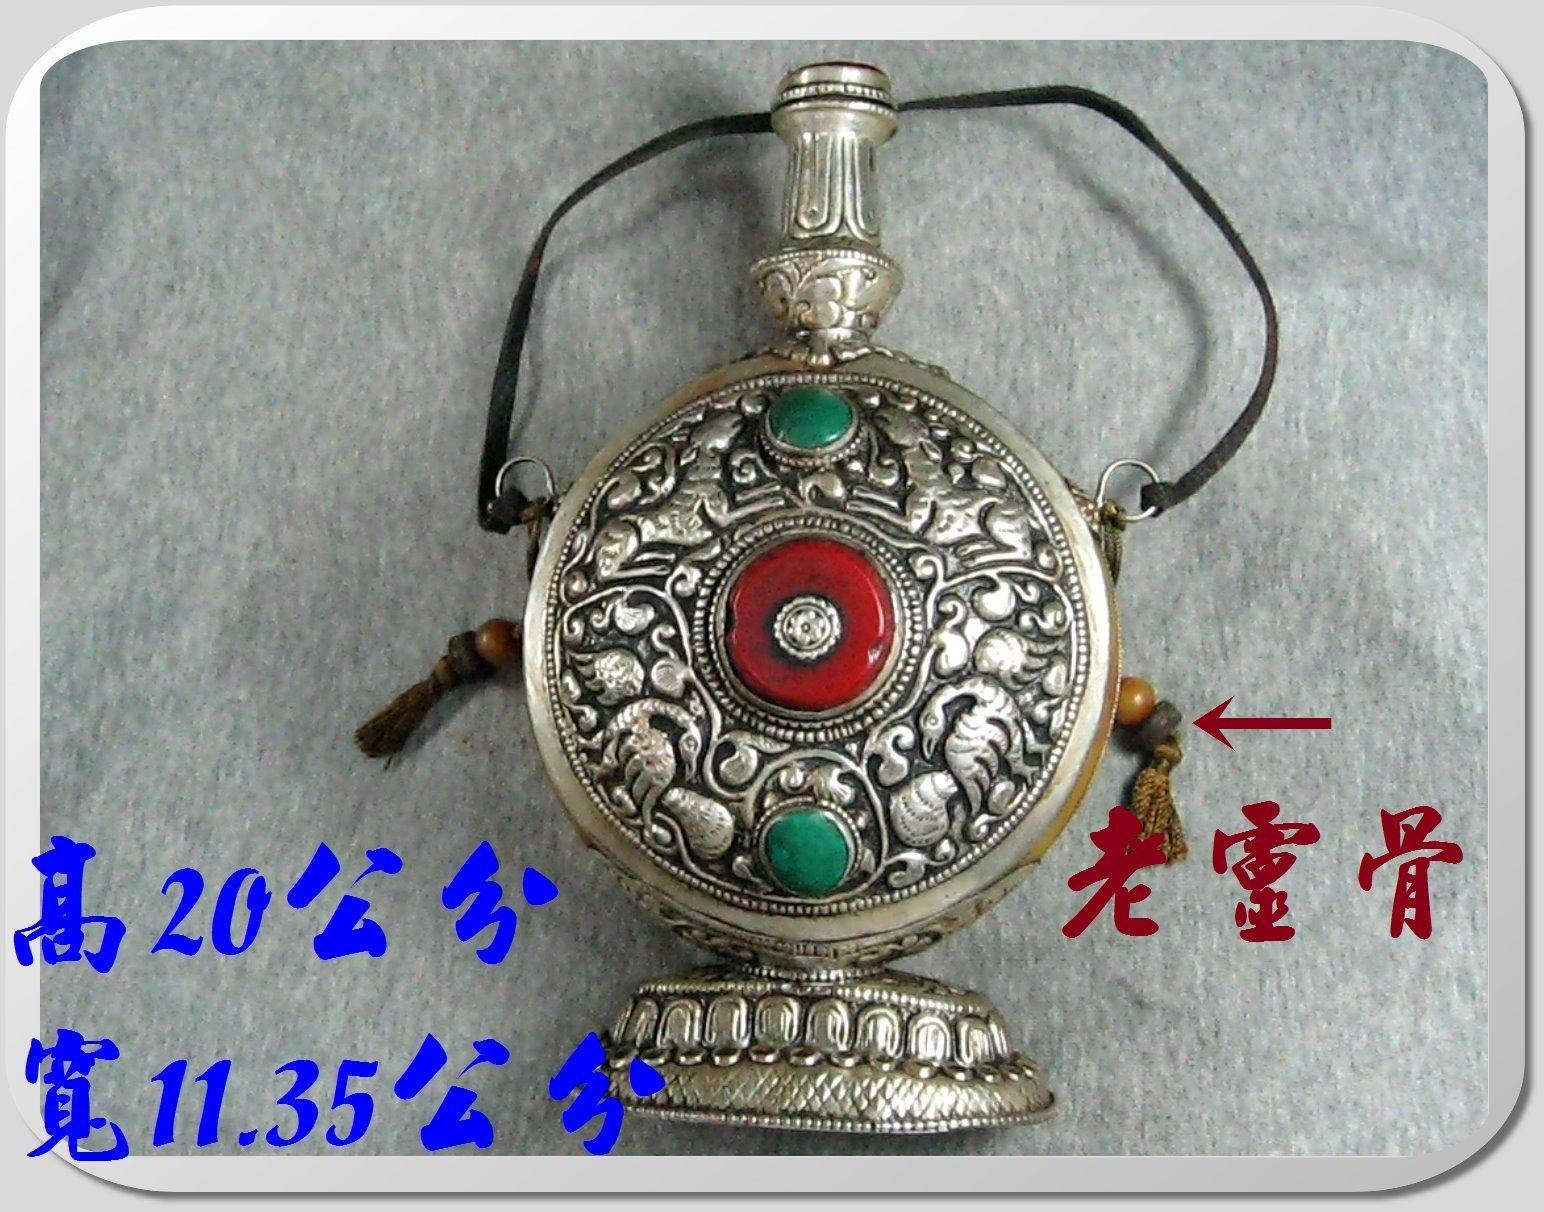 ○古奇納○ 西藏早期貴族家裡擺飾的鼻煙壺法印-純銀雕刻+老蜜蠟老靈骨綠松石喇嘛珠1